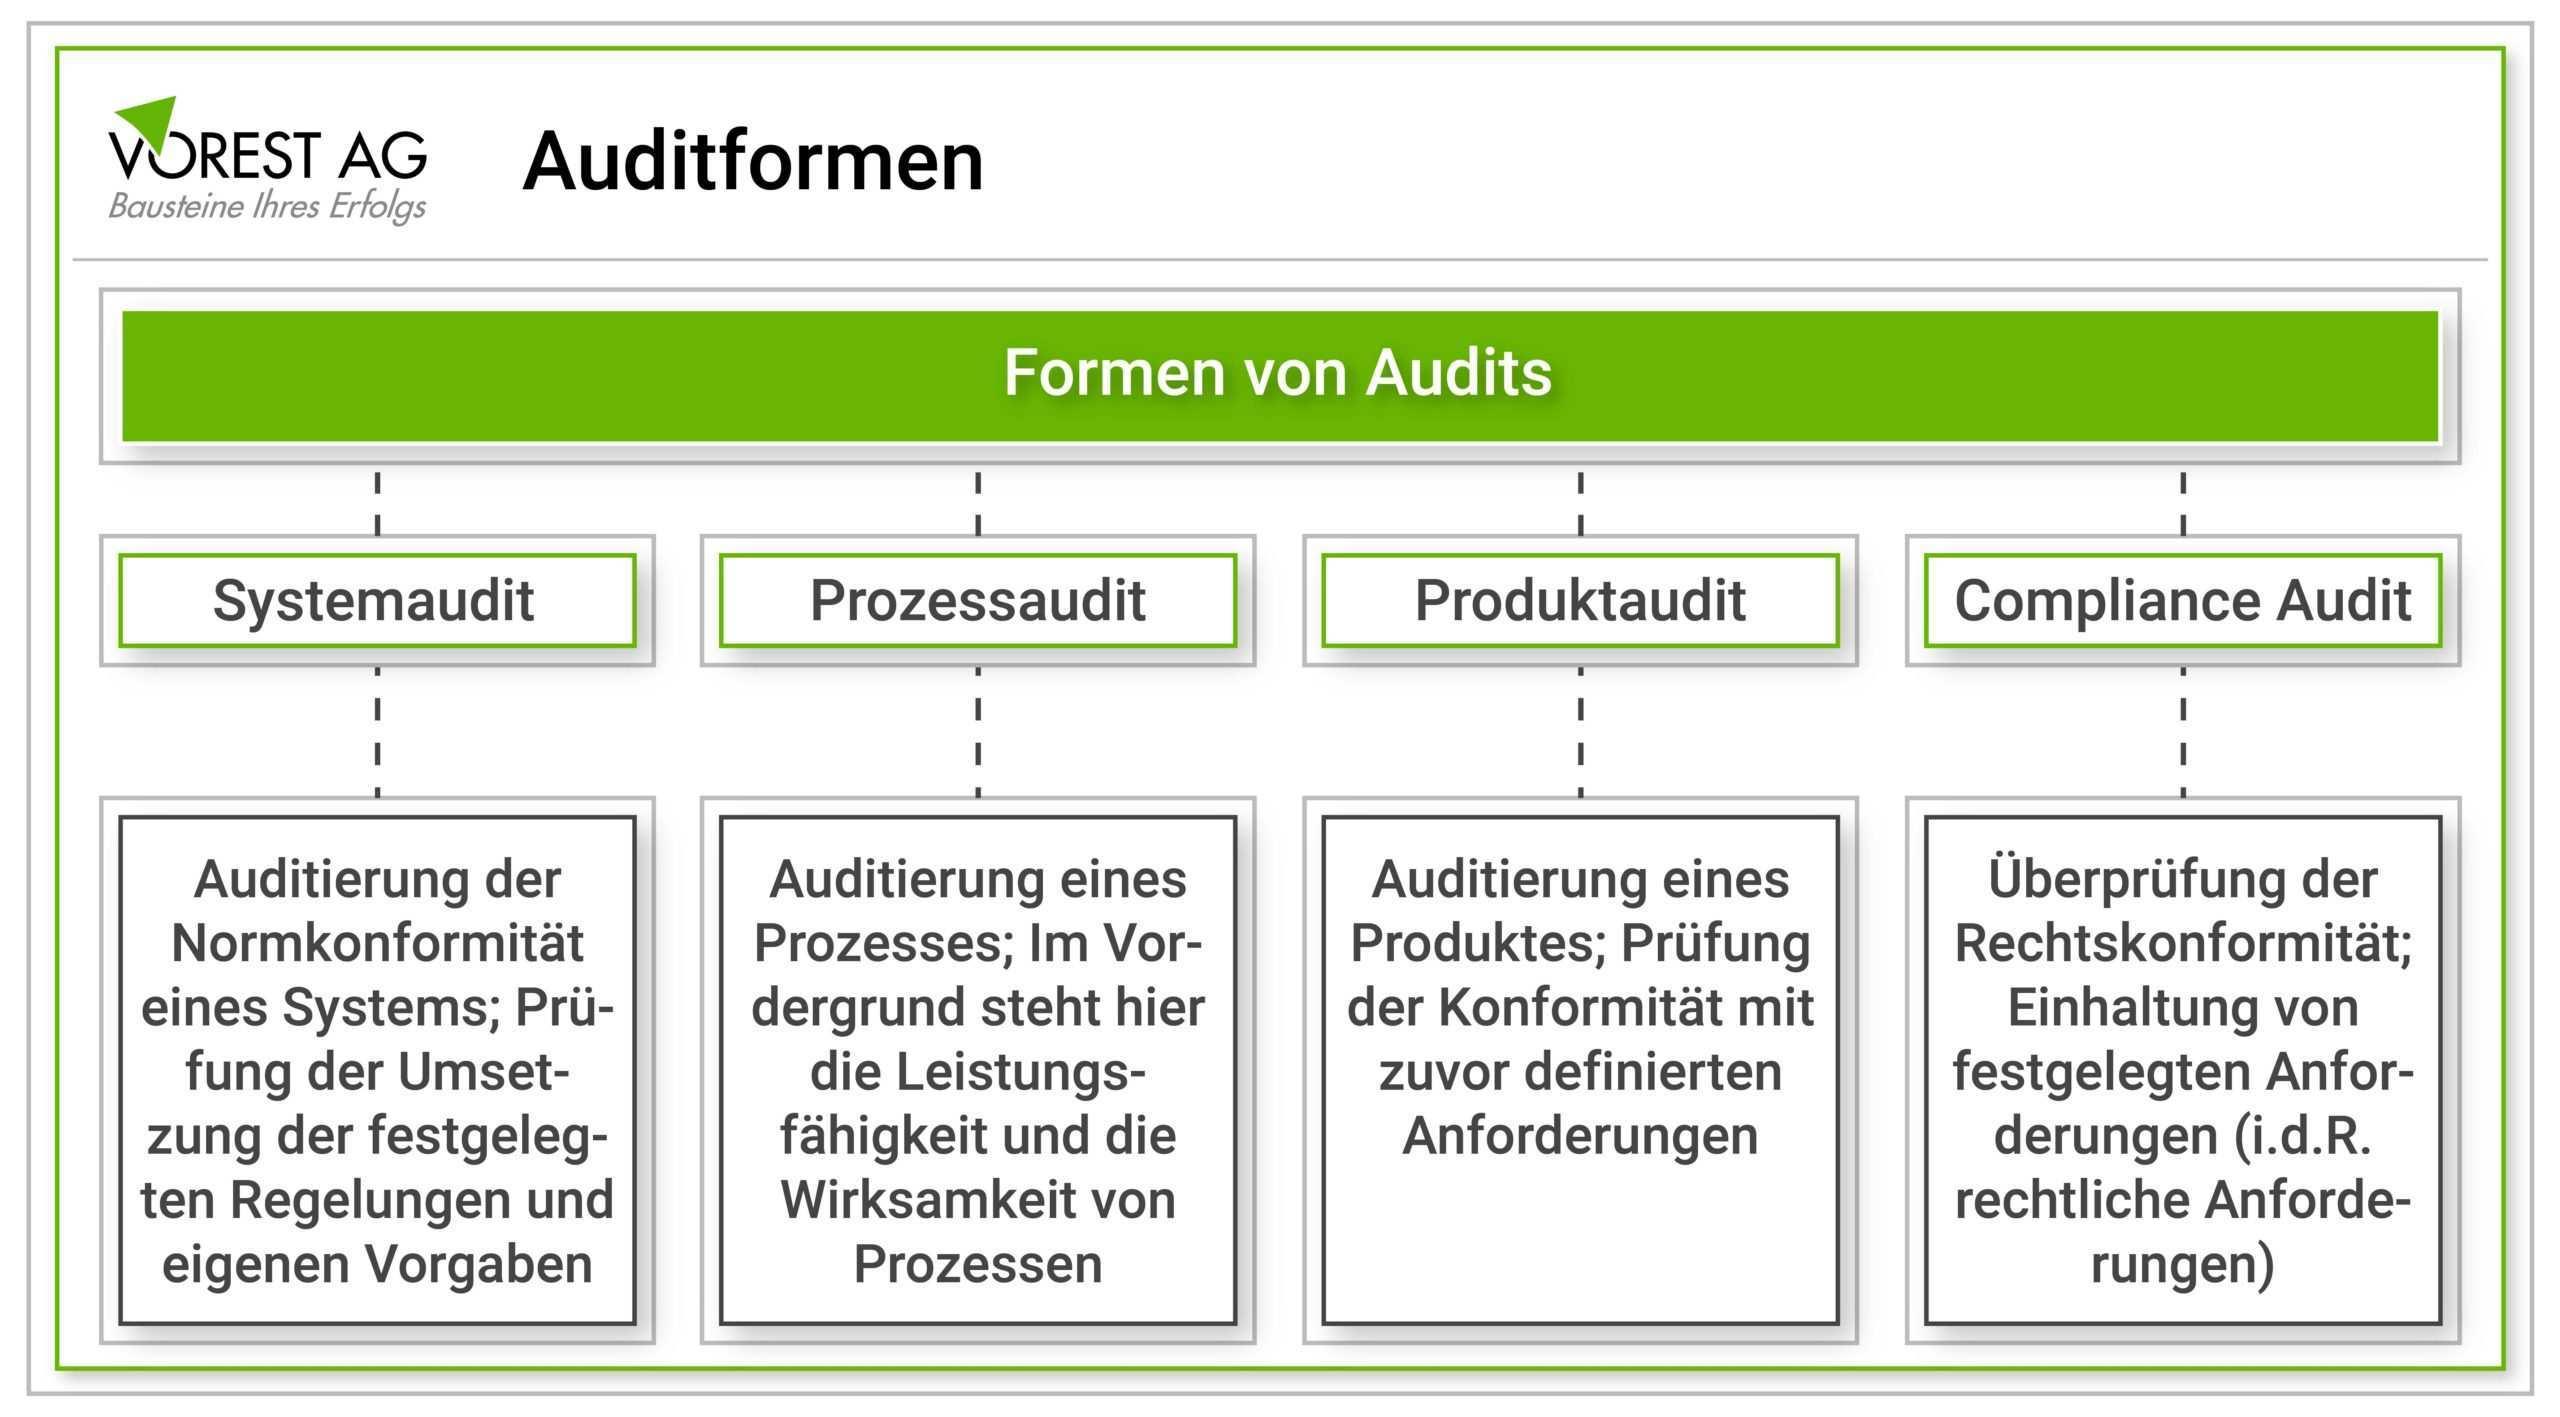 Welche Auditarten Und Auditformen Werden Unterschieden